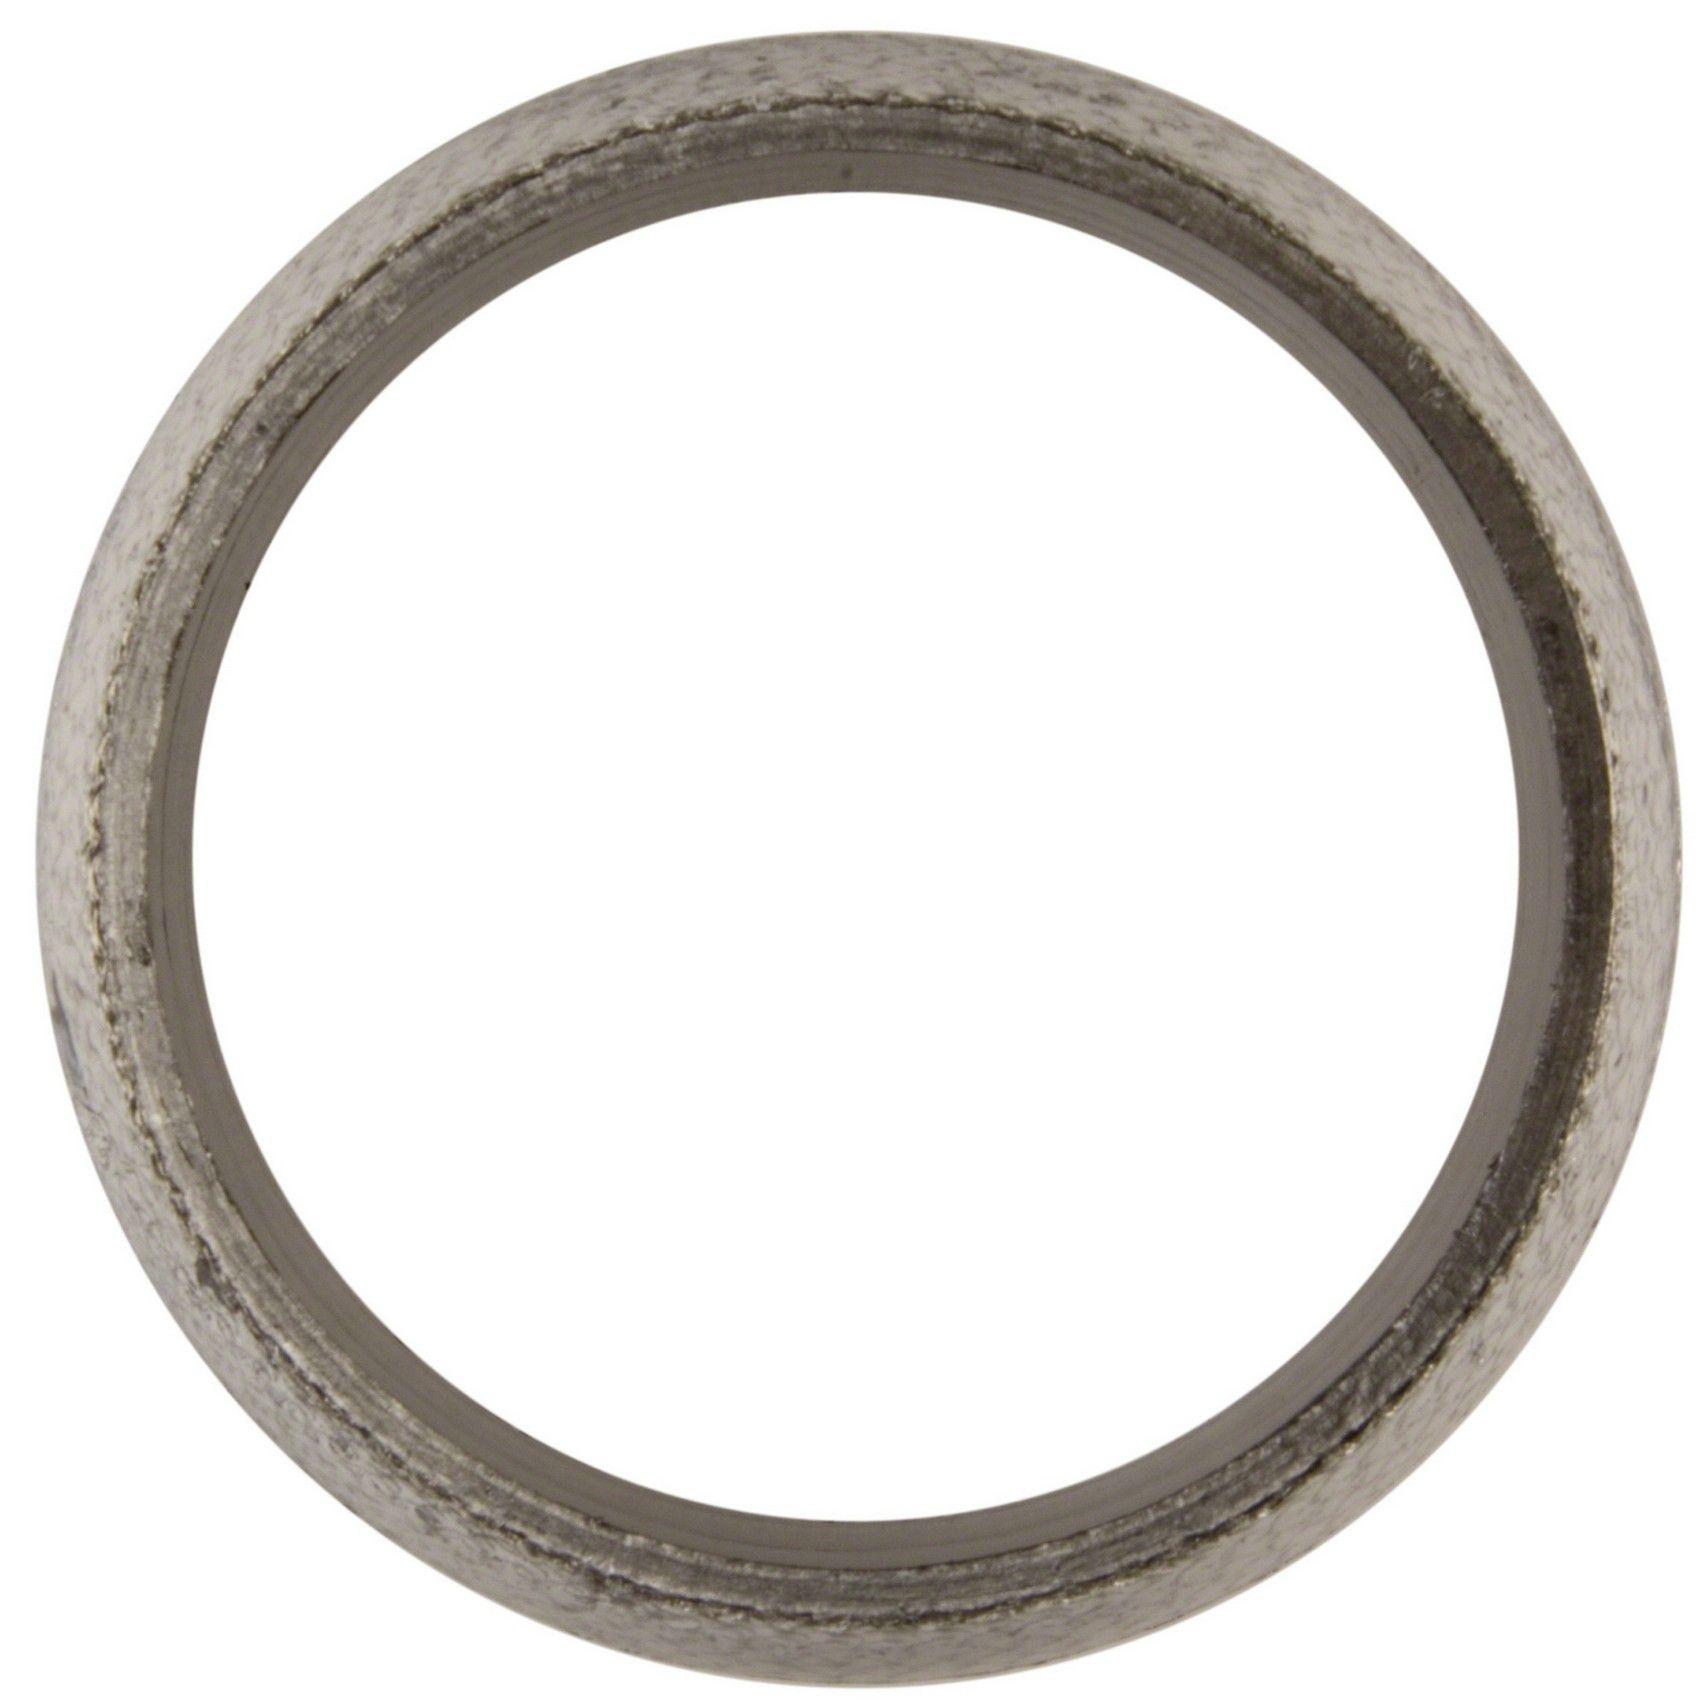 Exhaust Pipe Flange Gasket Rear Fel-Pro 60569